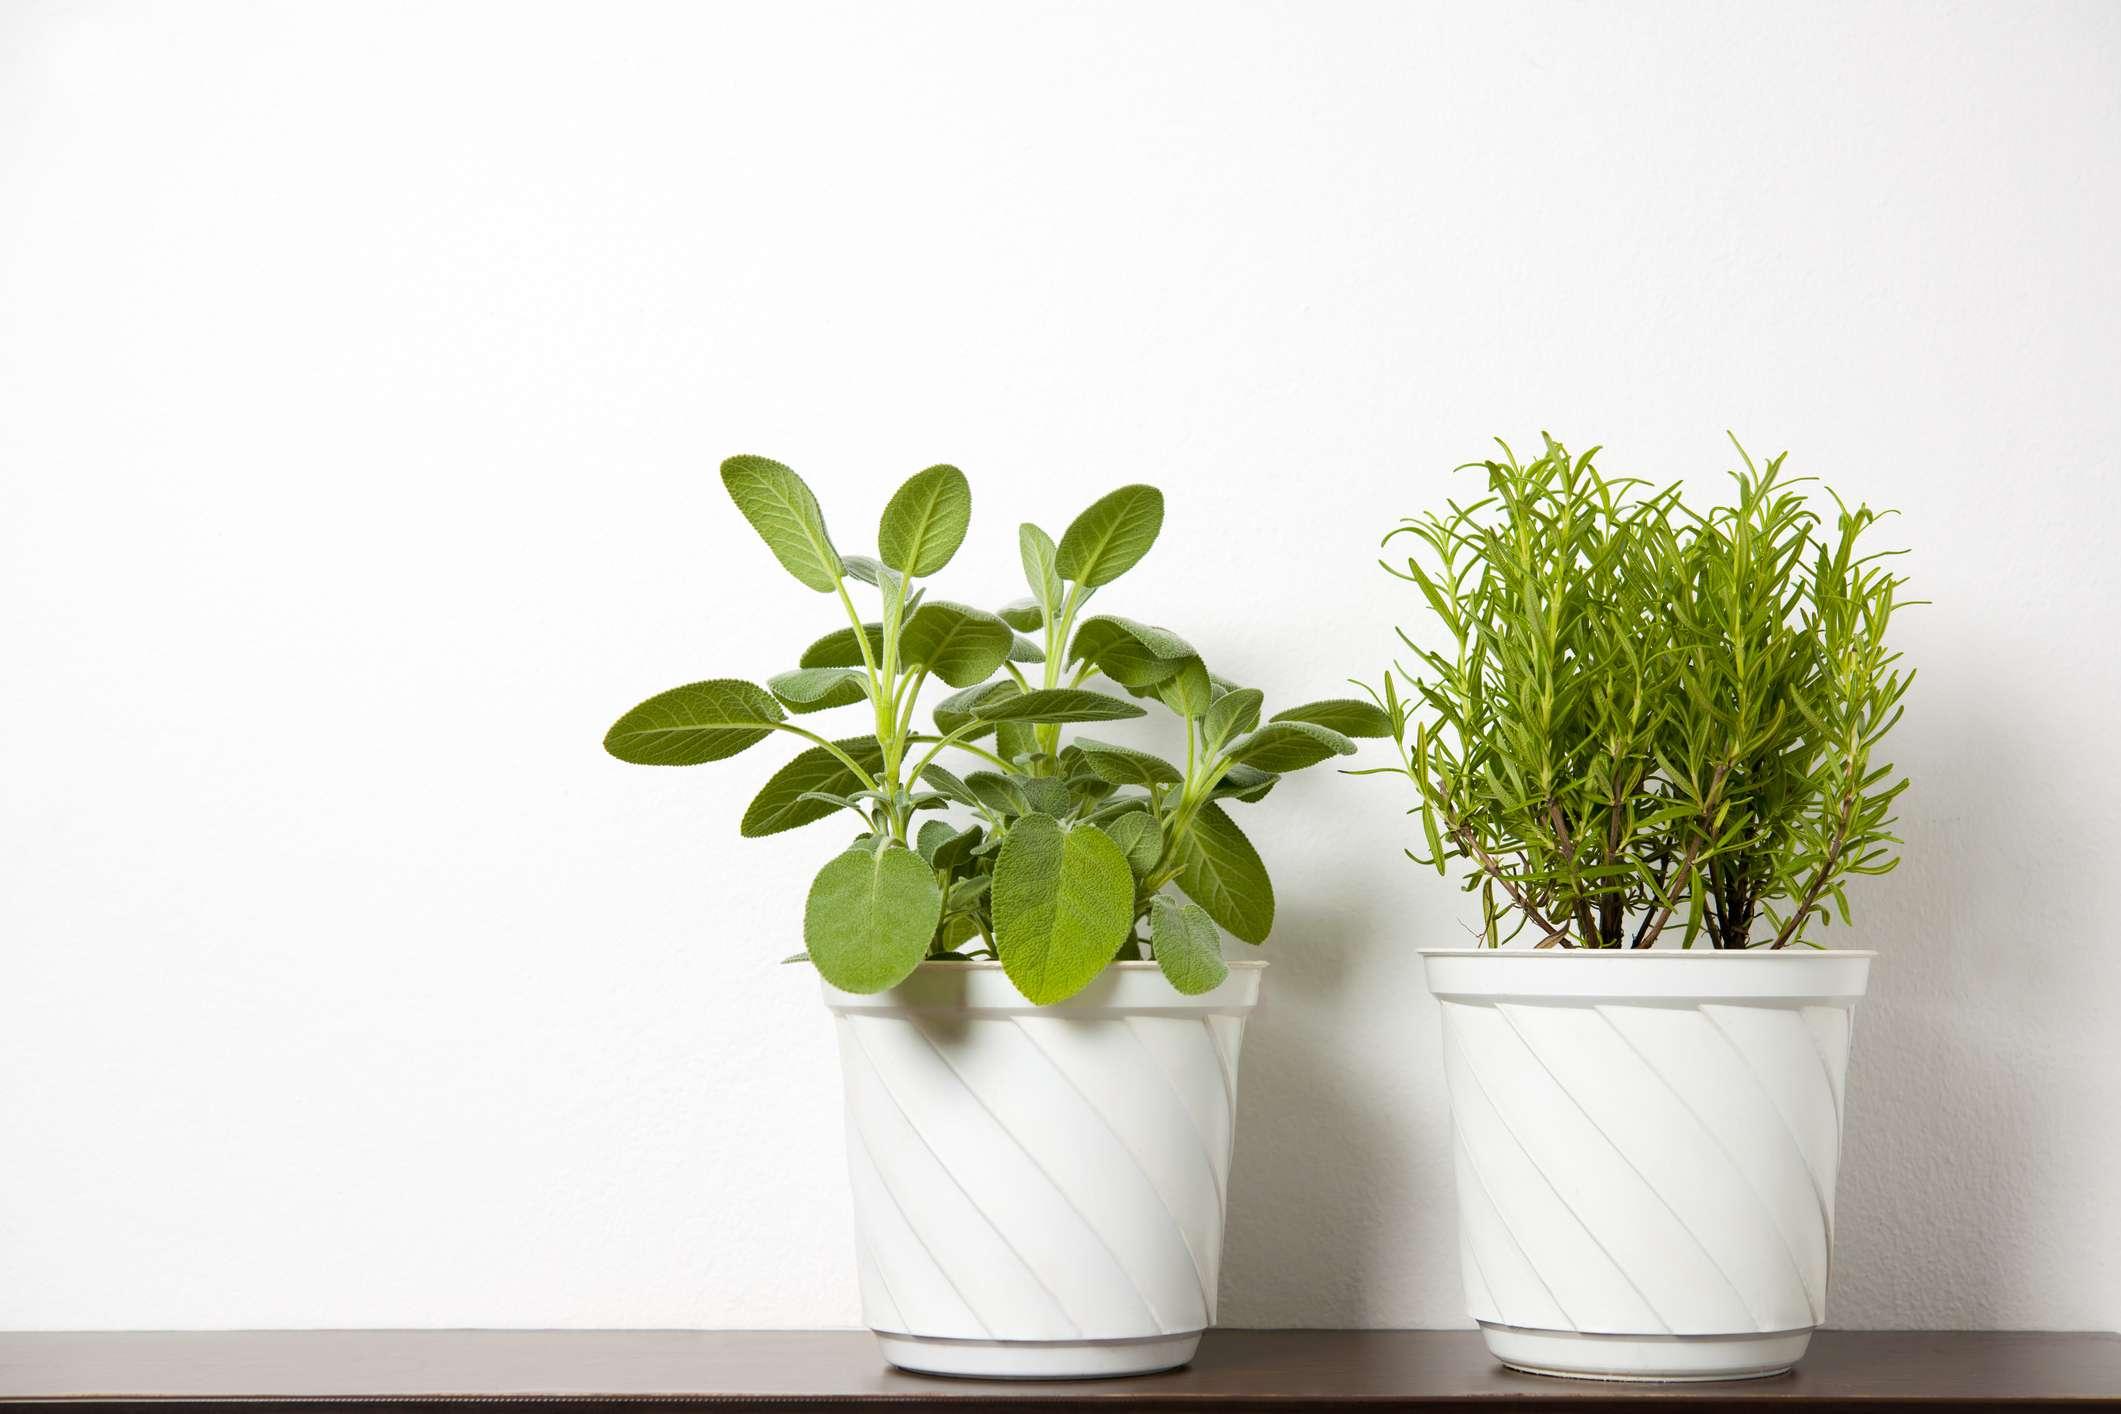 Plantas bien alimentadas en macetas